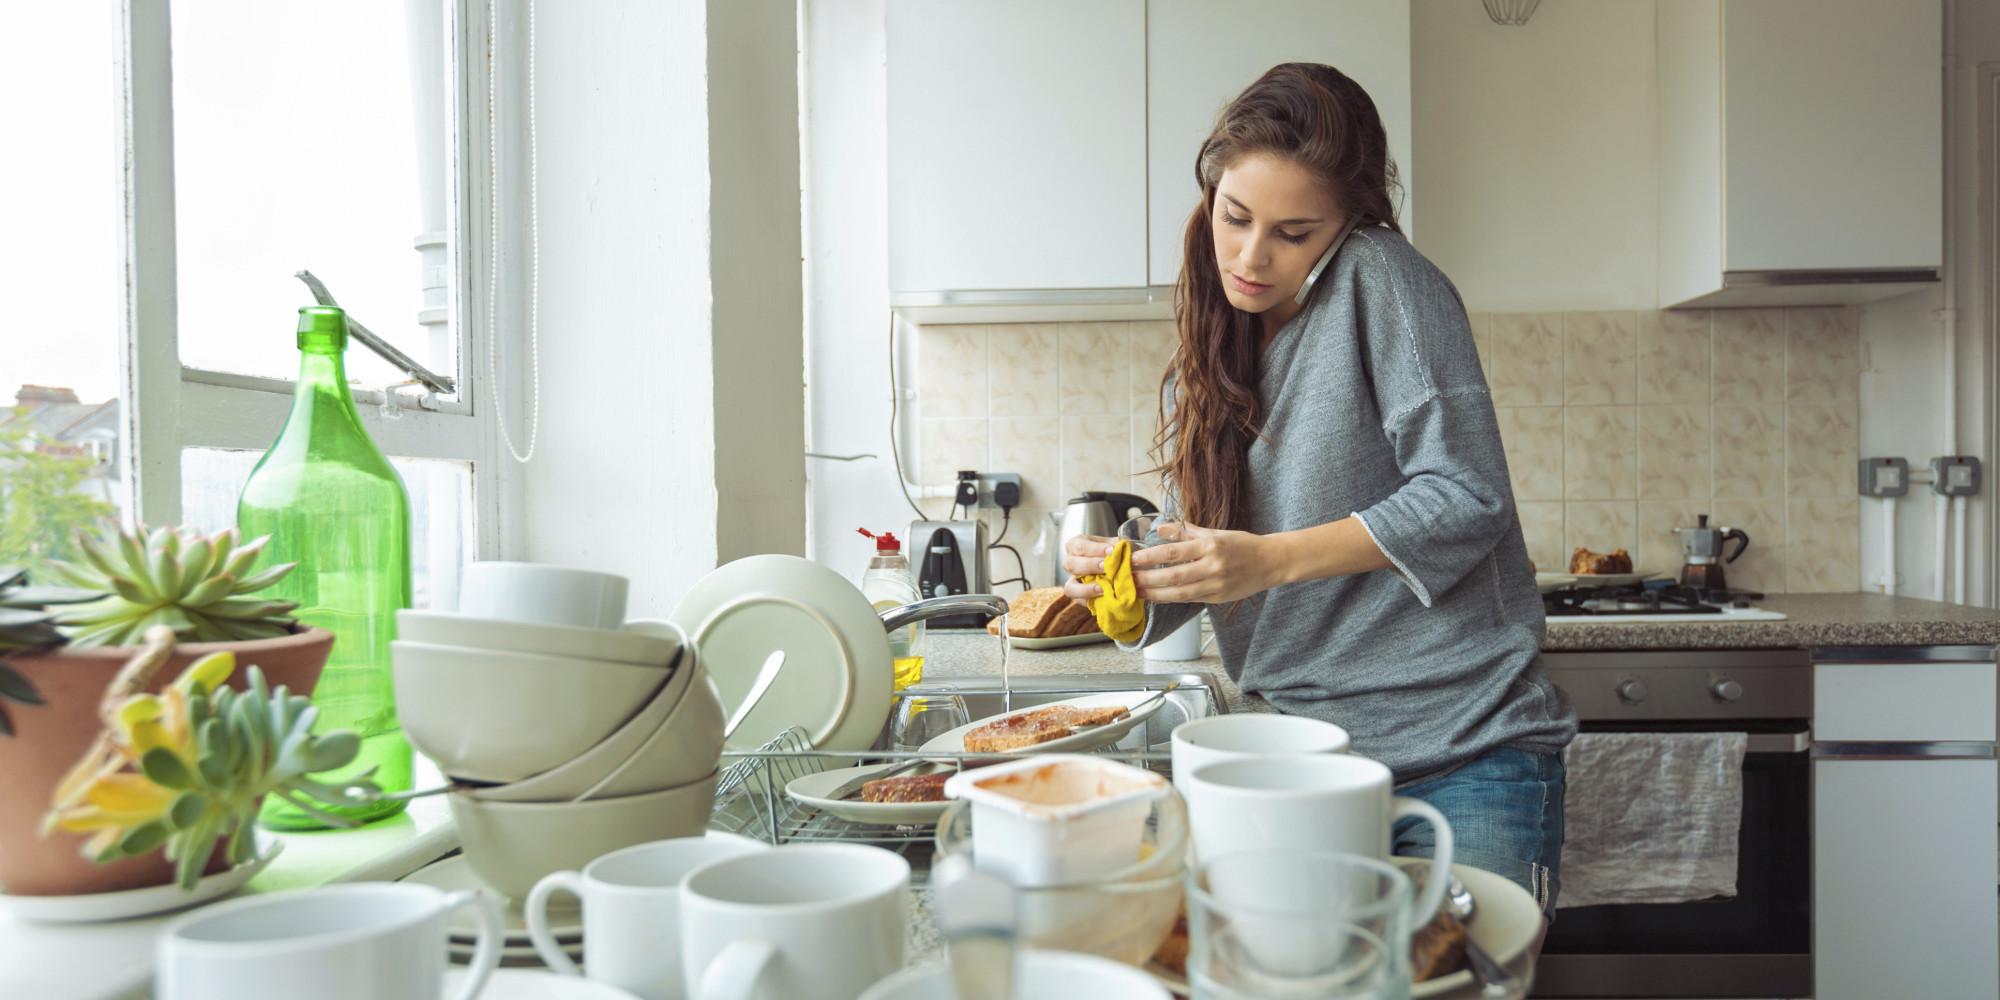 Woman Happy Kitchen Floor